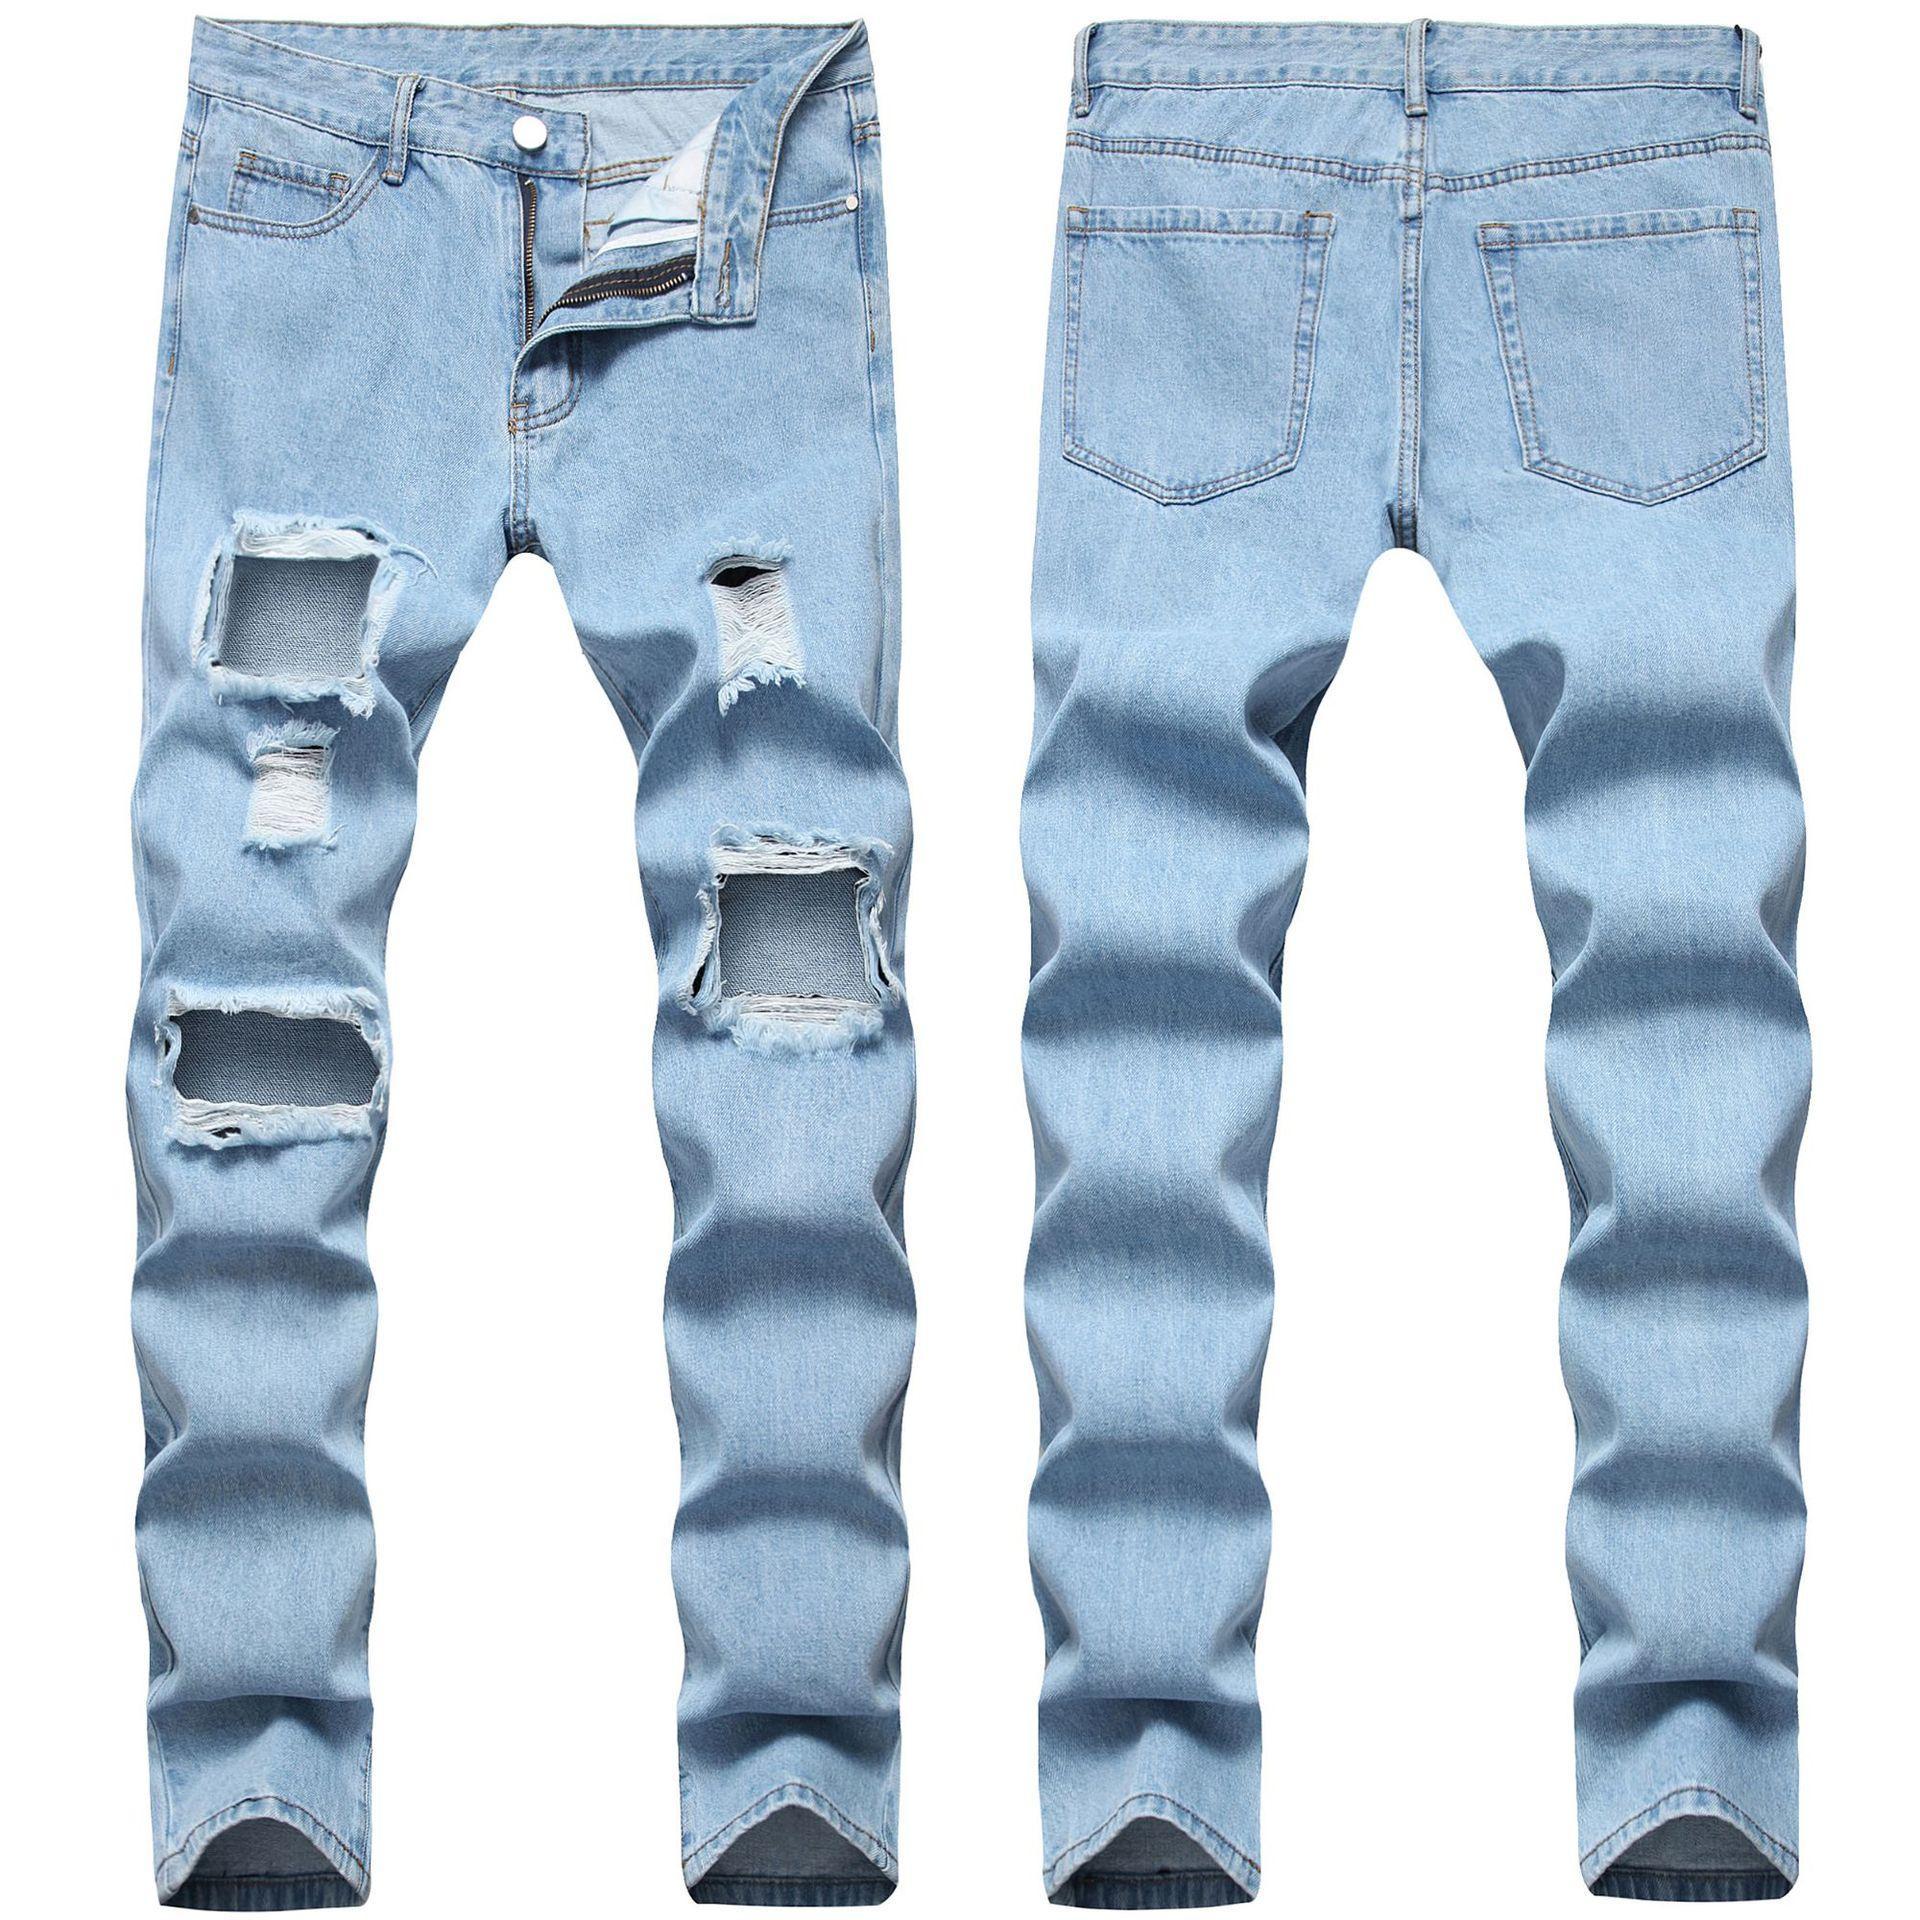 Nedensel Mens Jeans Erkekler Sıkıntılı Yırtık Kot Slim Fit Düz Denim Yıkanmış Yıkılan Delik Biker Kot Hip Hop Erkekler Streetwear 0608 #